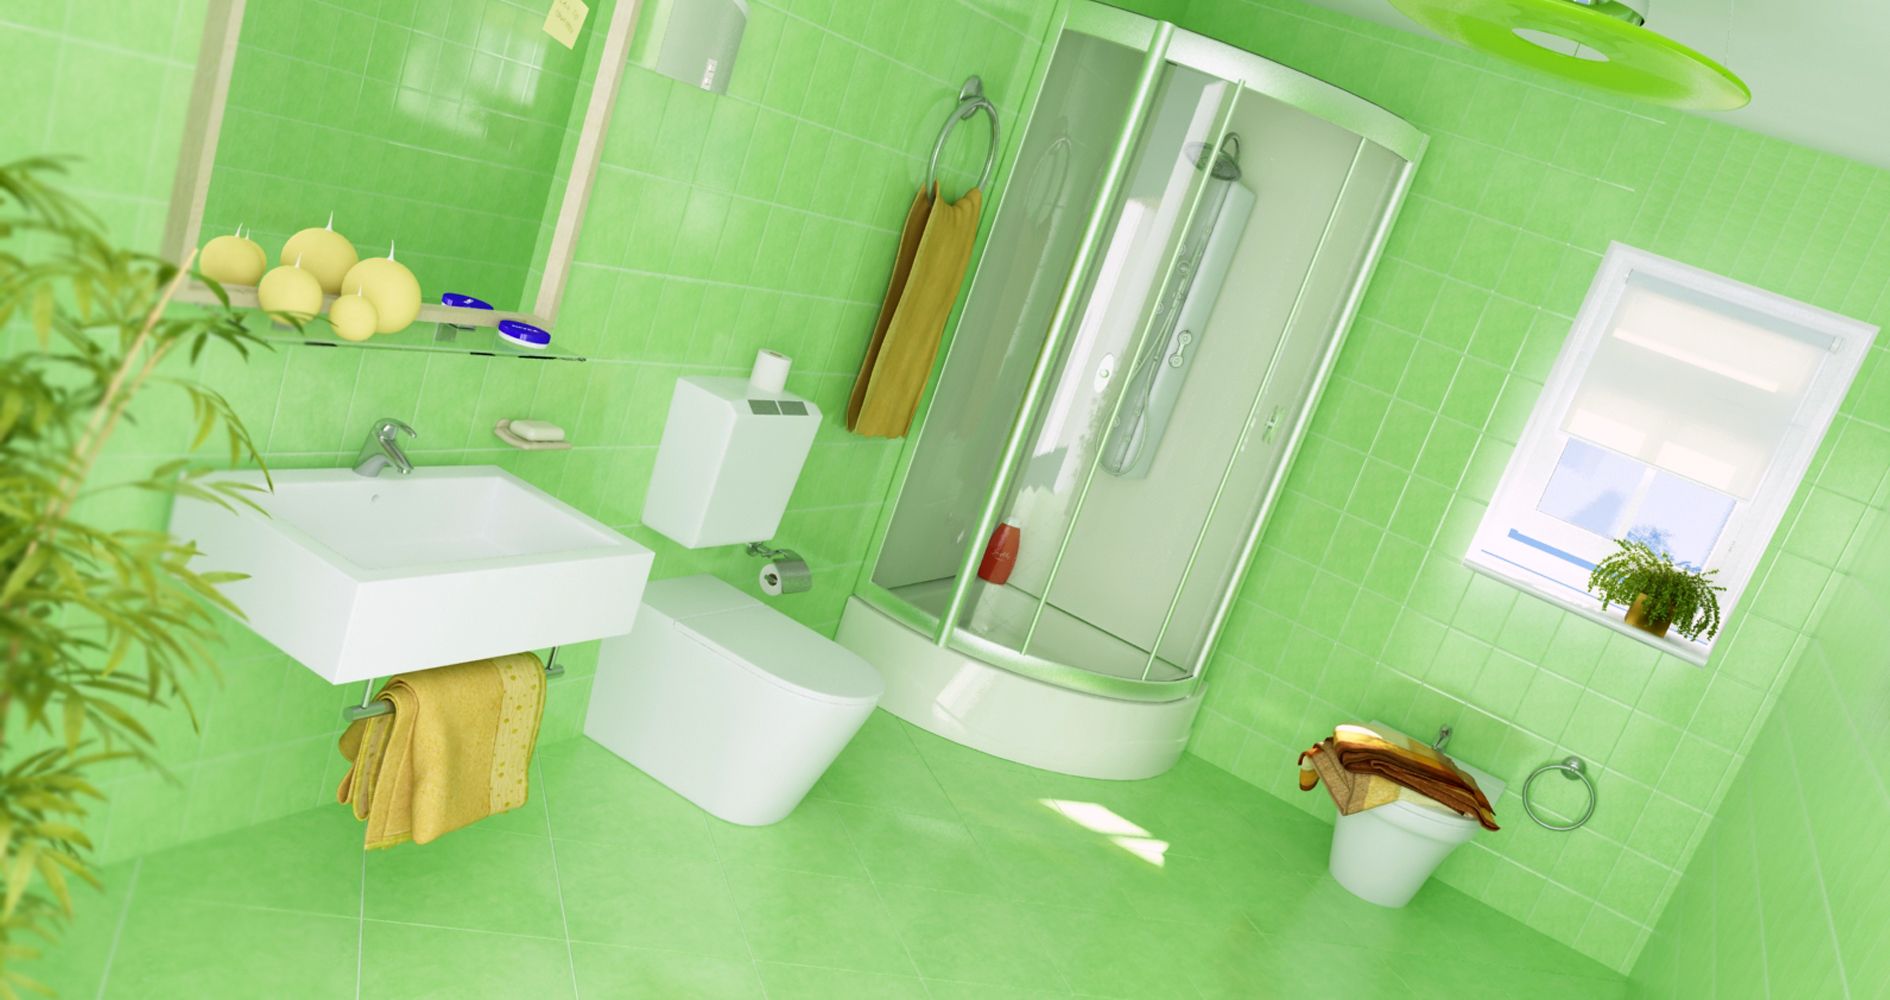 Toilet  3D / Vray